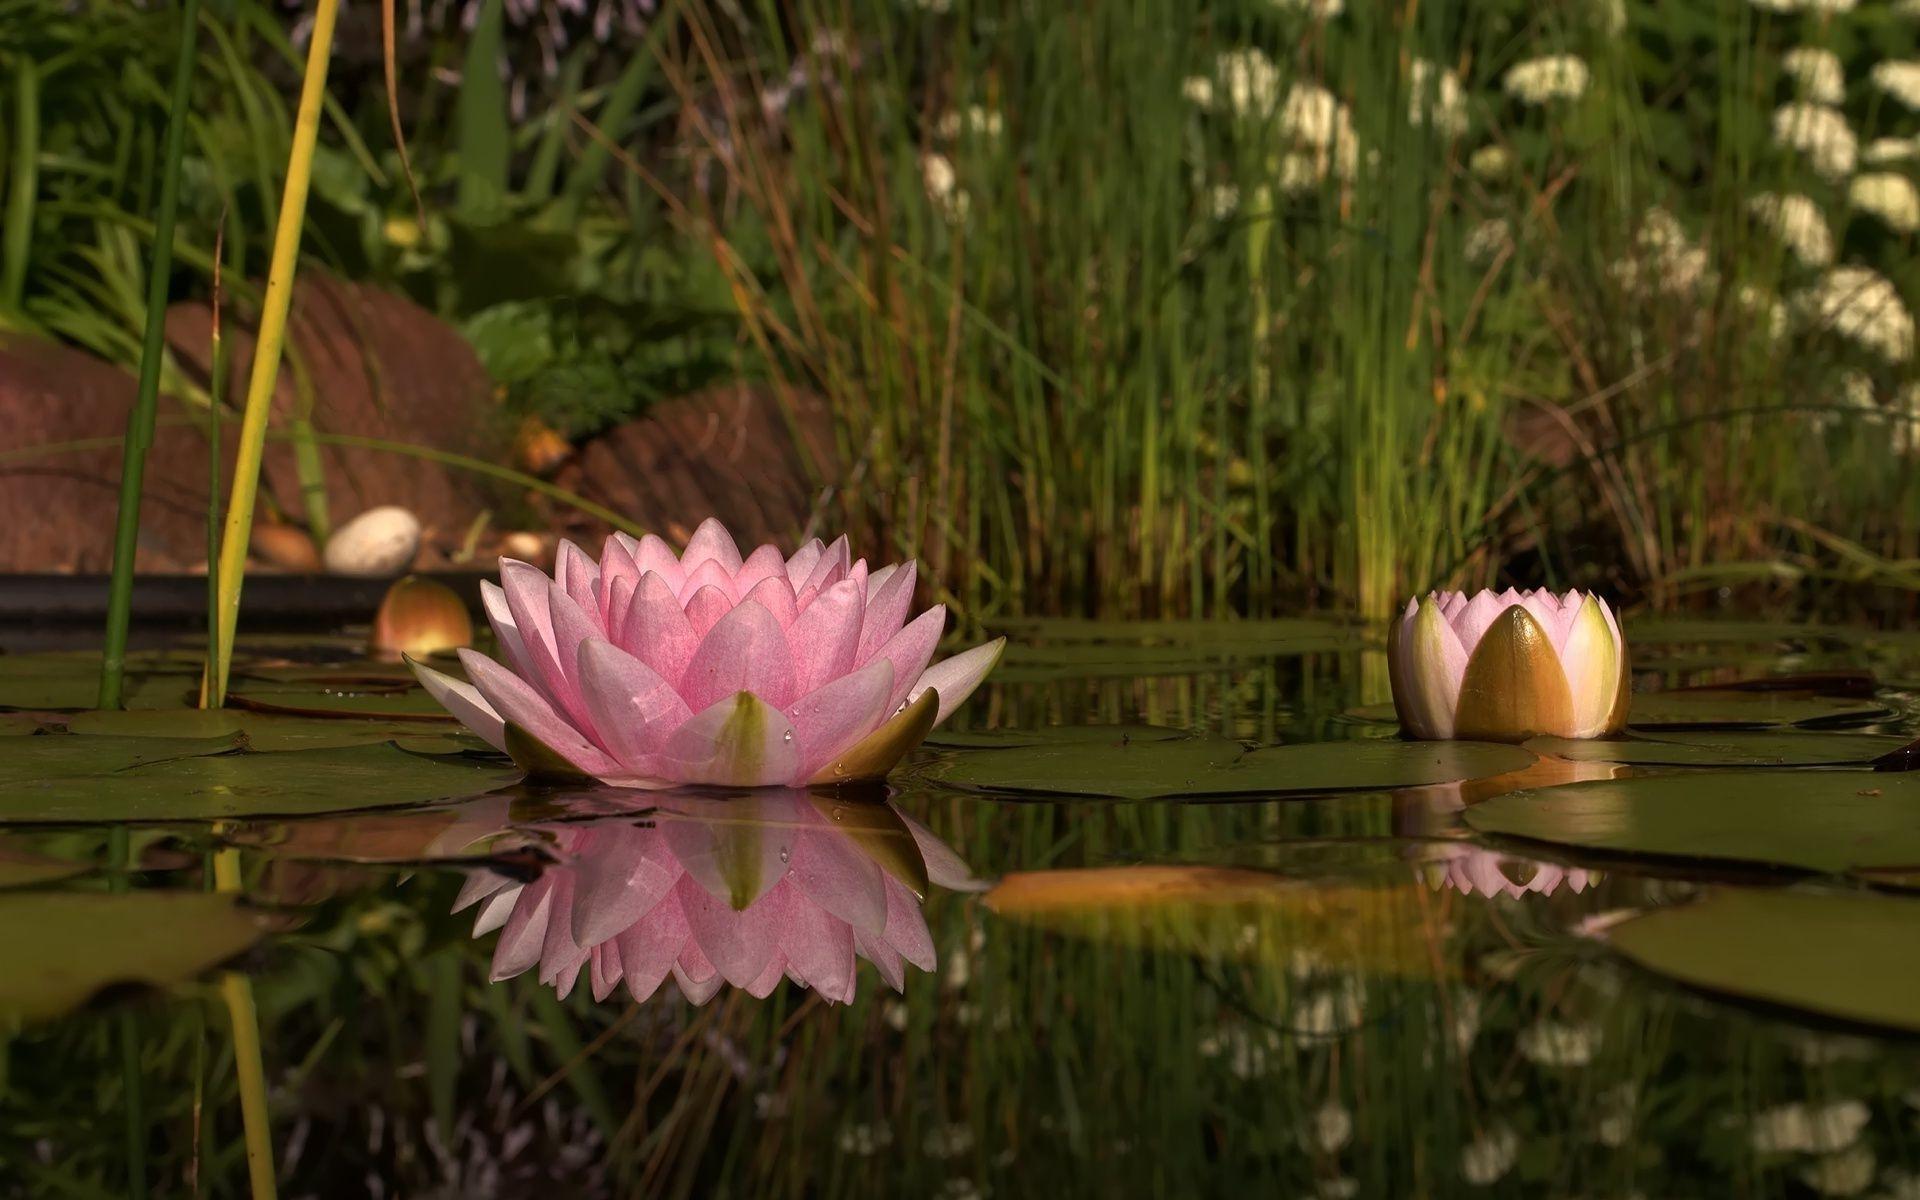 обои для рабочего стола цветы кувшинки № 631790 бесплатно